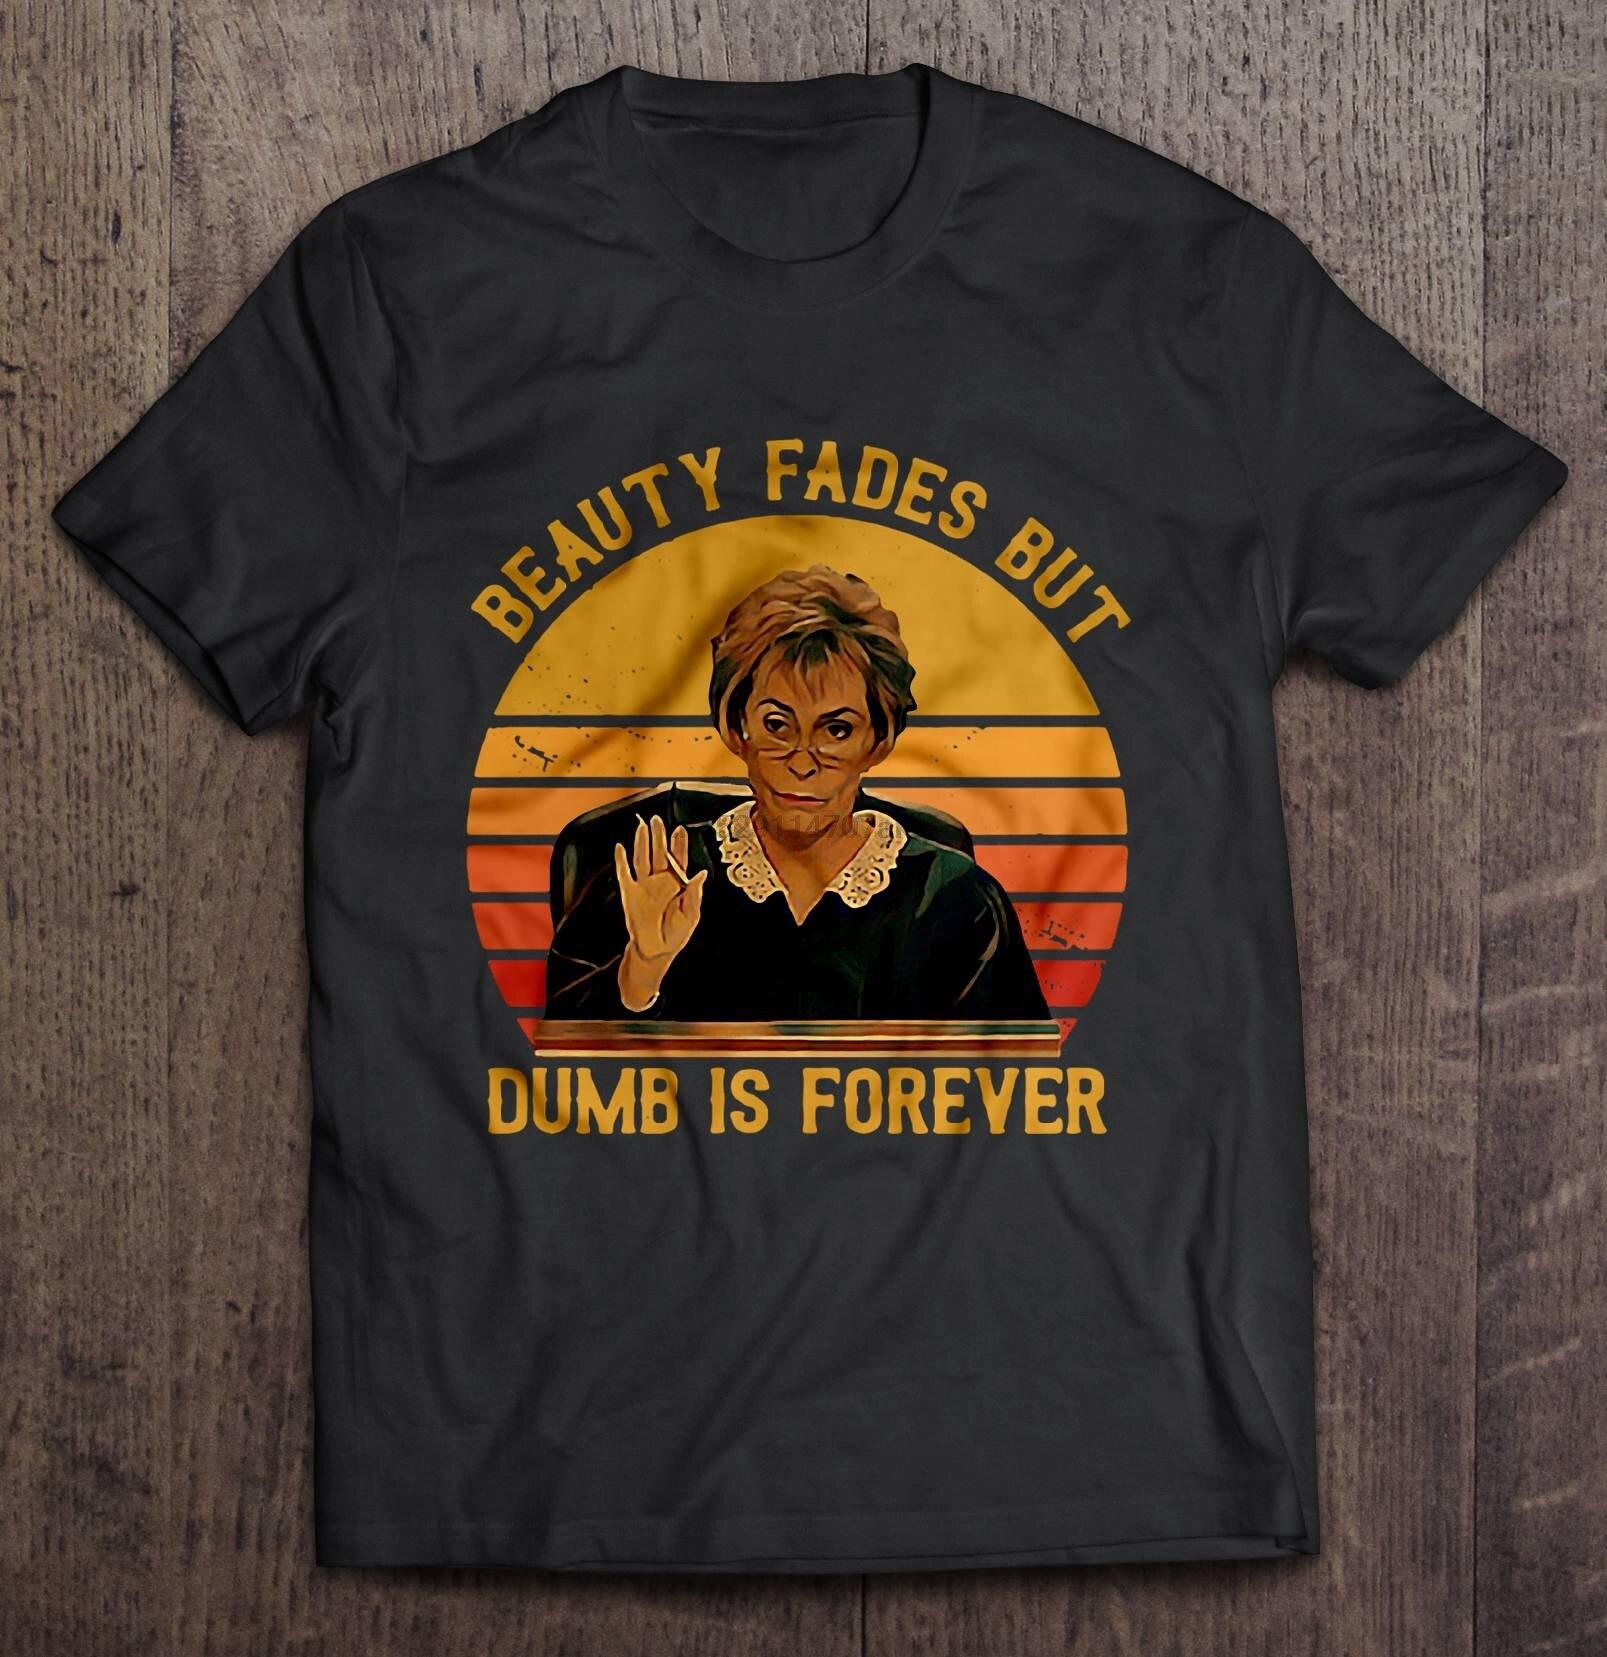 Camiseta divertida de la moda de los hombres camiseta de la belleza se desvanece pero Dumb Is Forever Judy Sheindlin Vintage versión camiseta de las mujeres